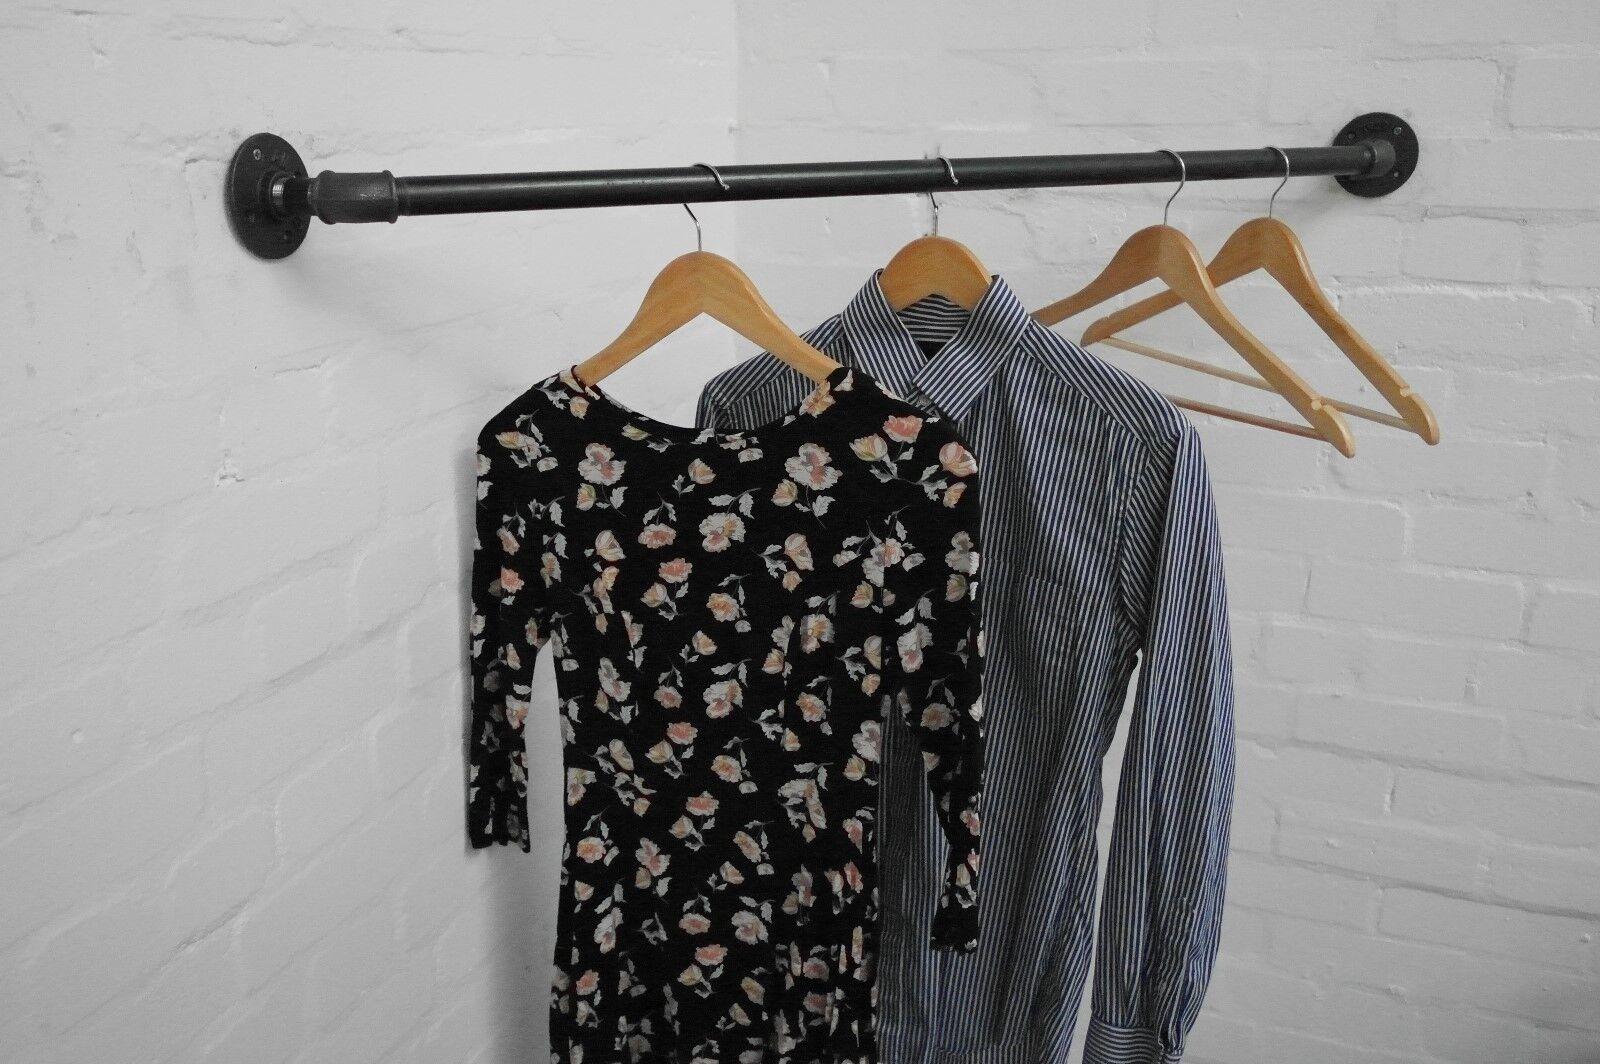 VINTAGE RACCORDO Tubazione Angolo dei vestiti Rail-perfetto per uso domestico o al dettaglio